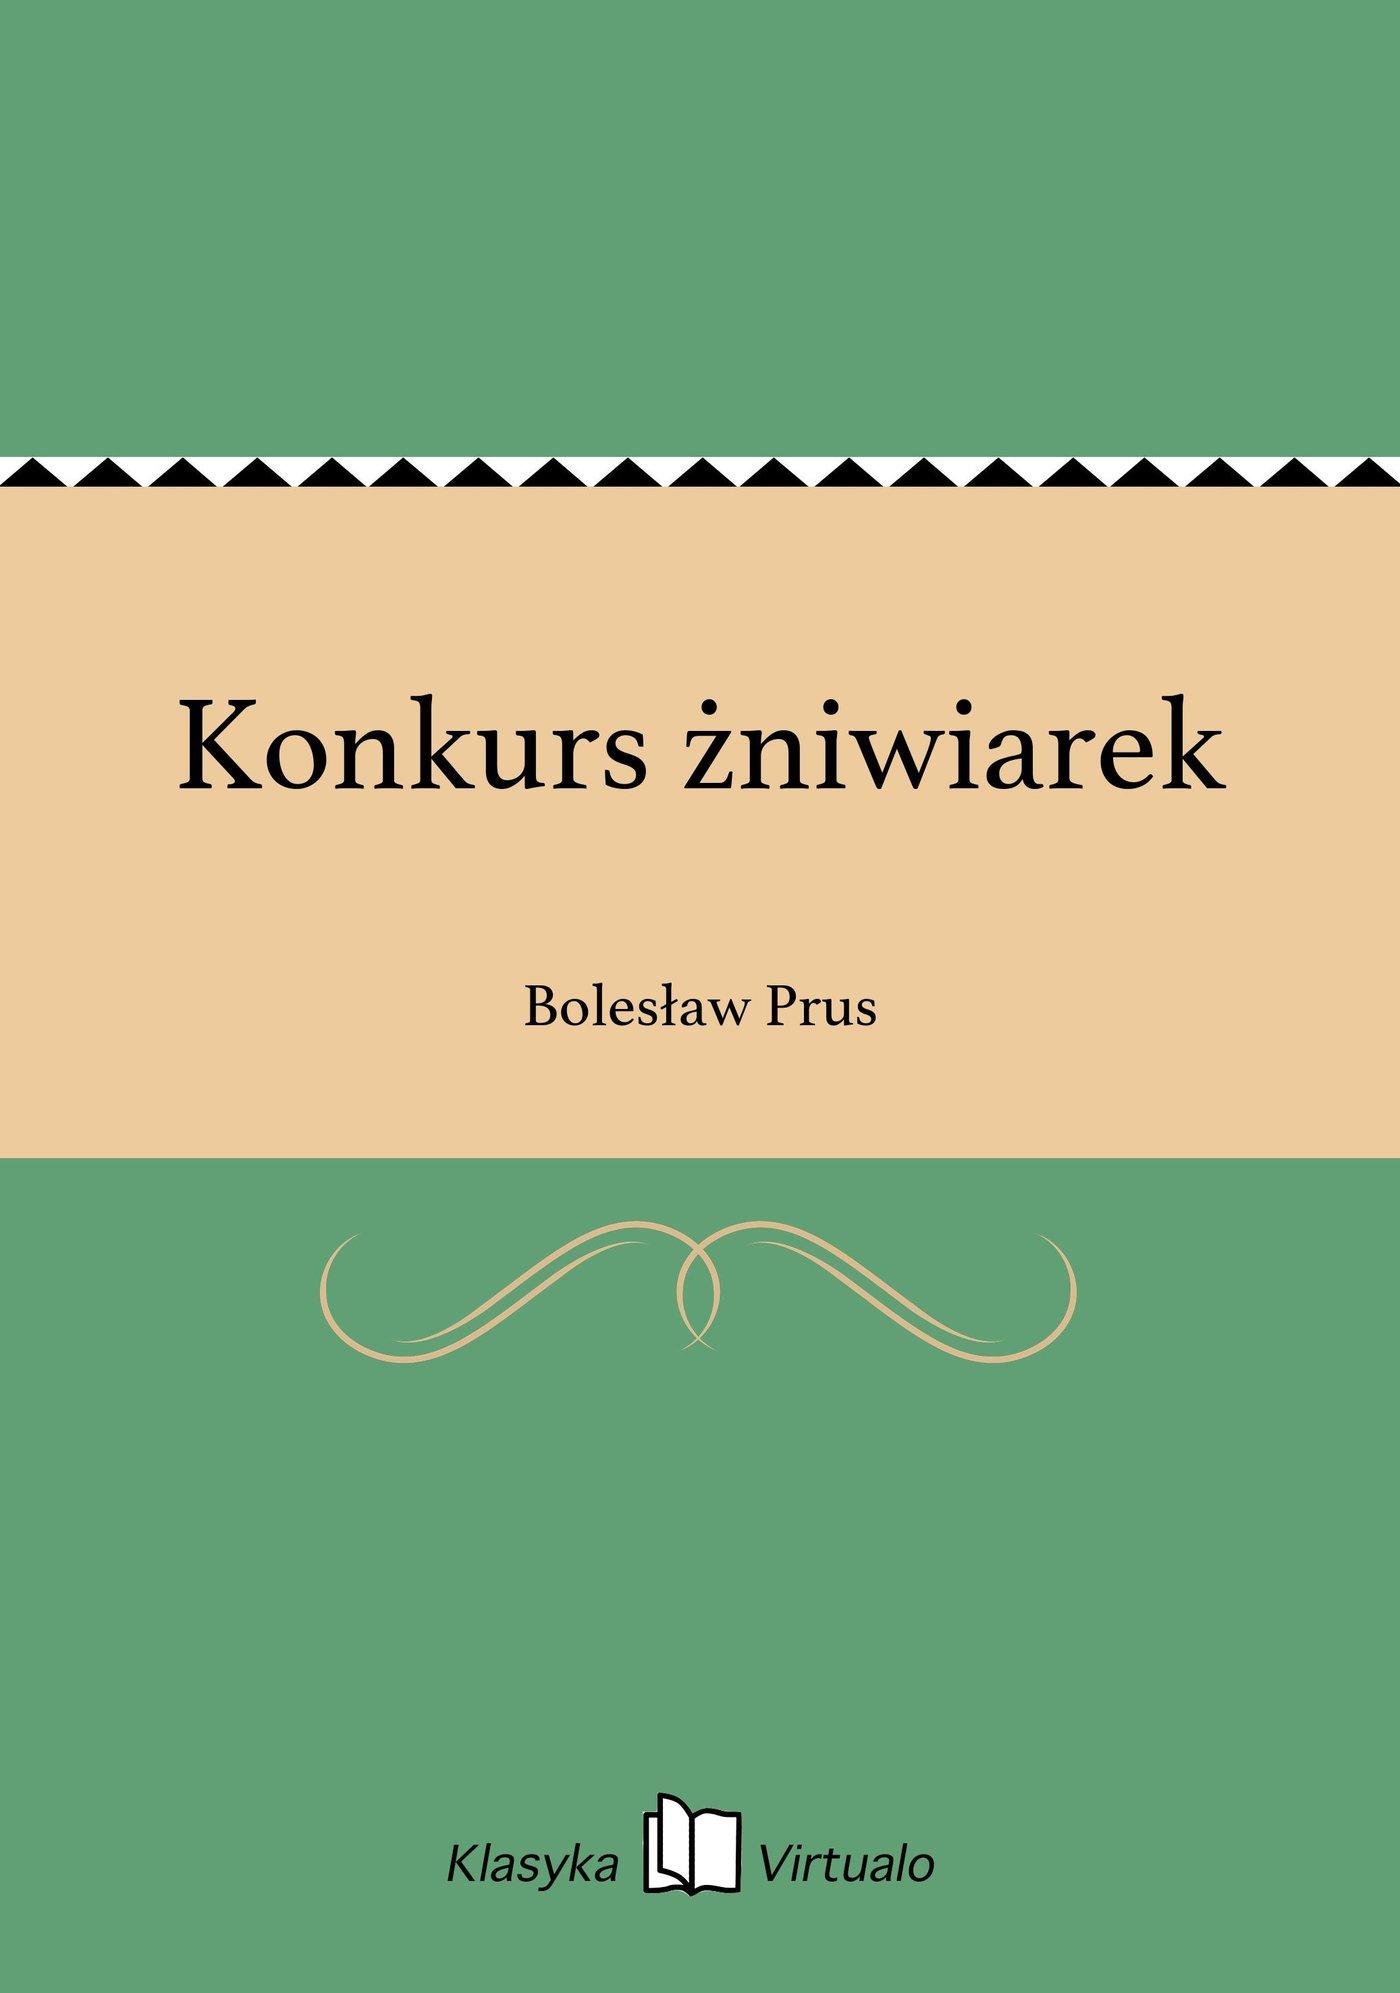 Konkurs żniwiarek - Ebook (Książka EPUB) do pobrania w formacie EPUB